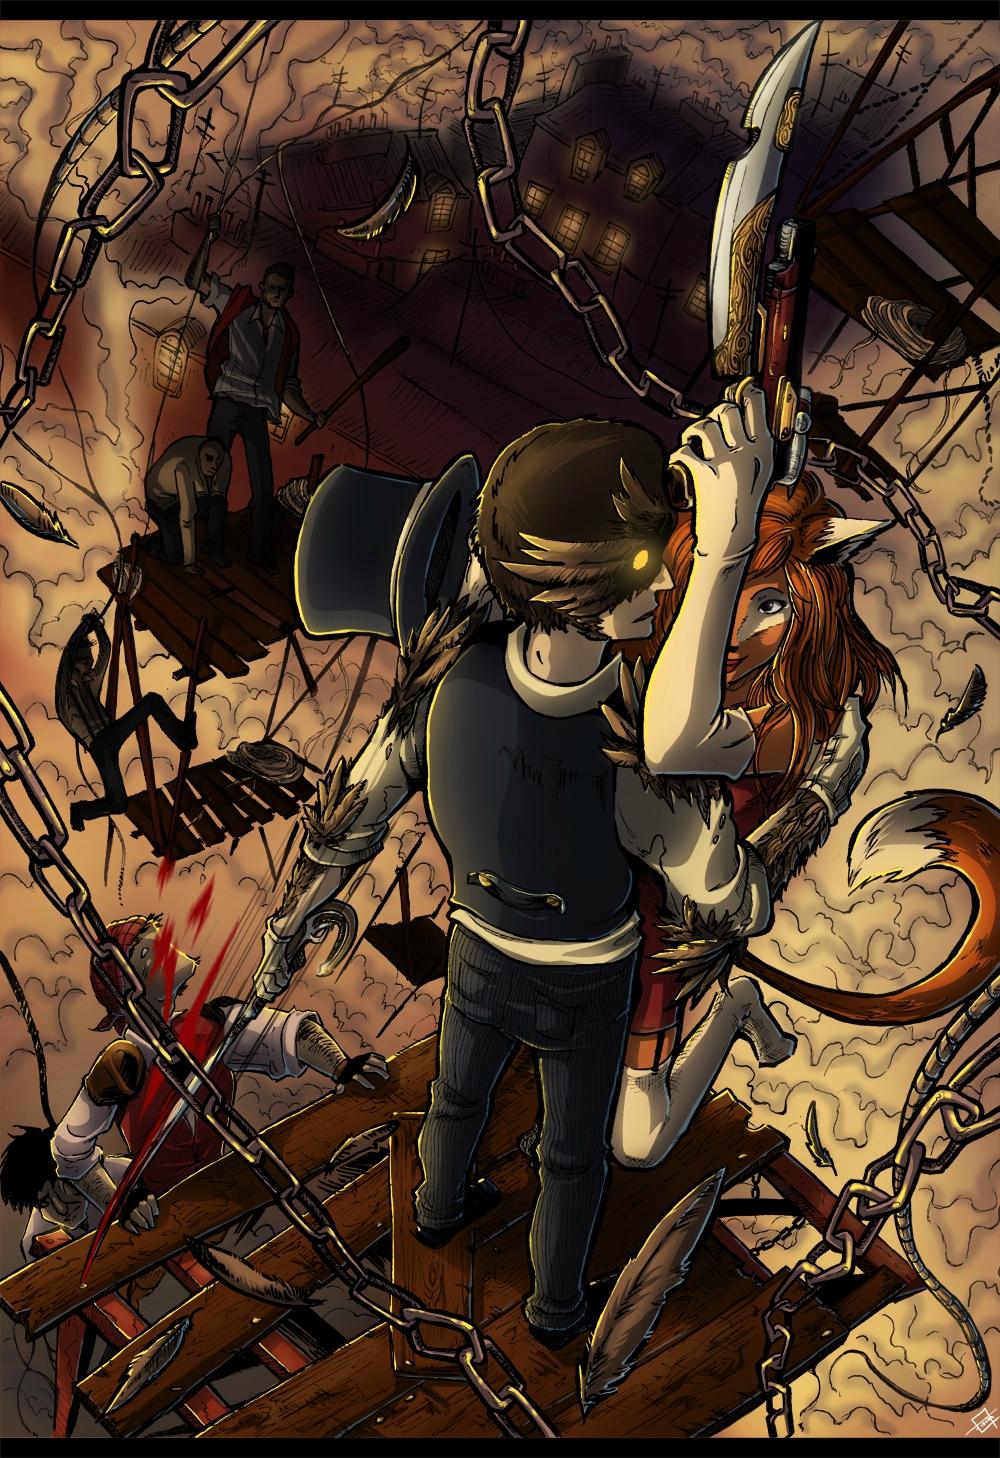 Illustration dessin manga comment colorier photoshop couleur manga sans fronti res - Comment colorier un manga ...